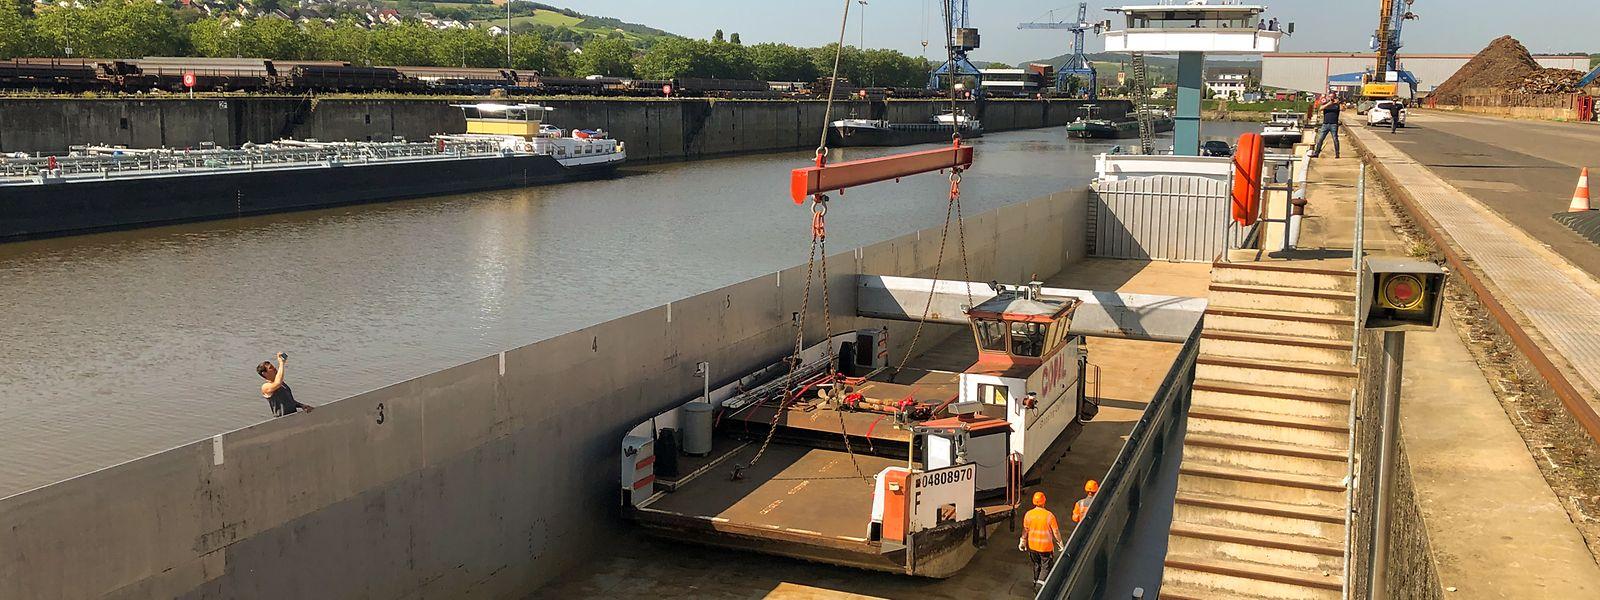 C'est dans une barge que la Sankta Maria va maintenant rejoindre Anvers, avant son long périple vers l'Afrique.